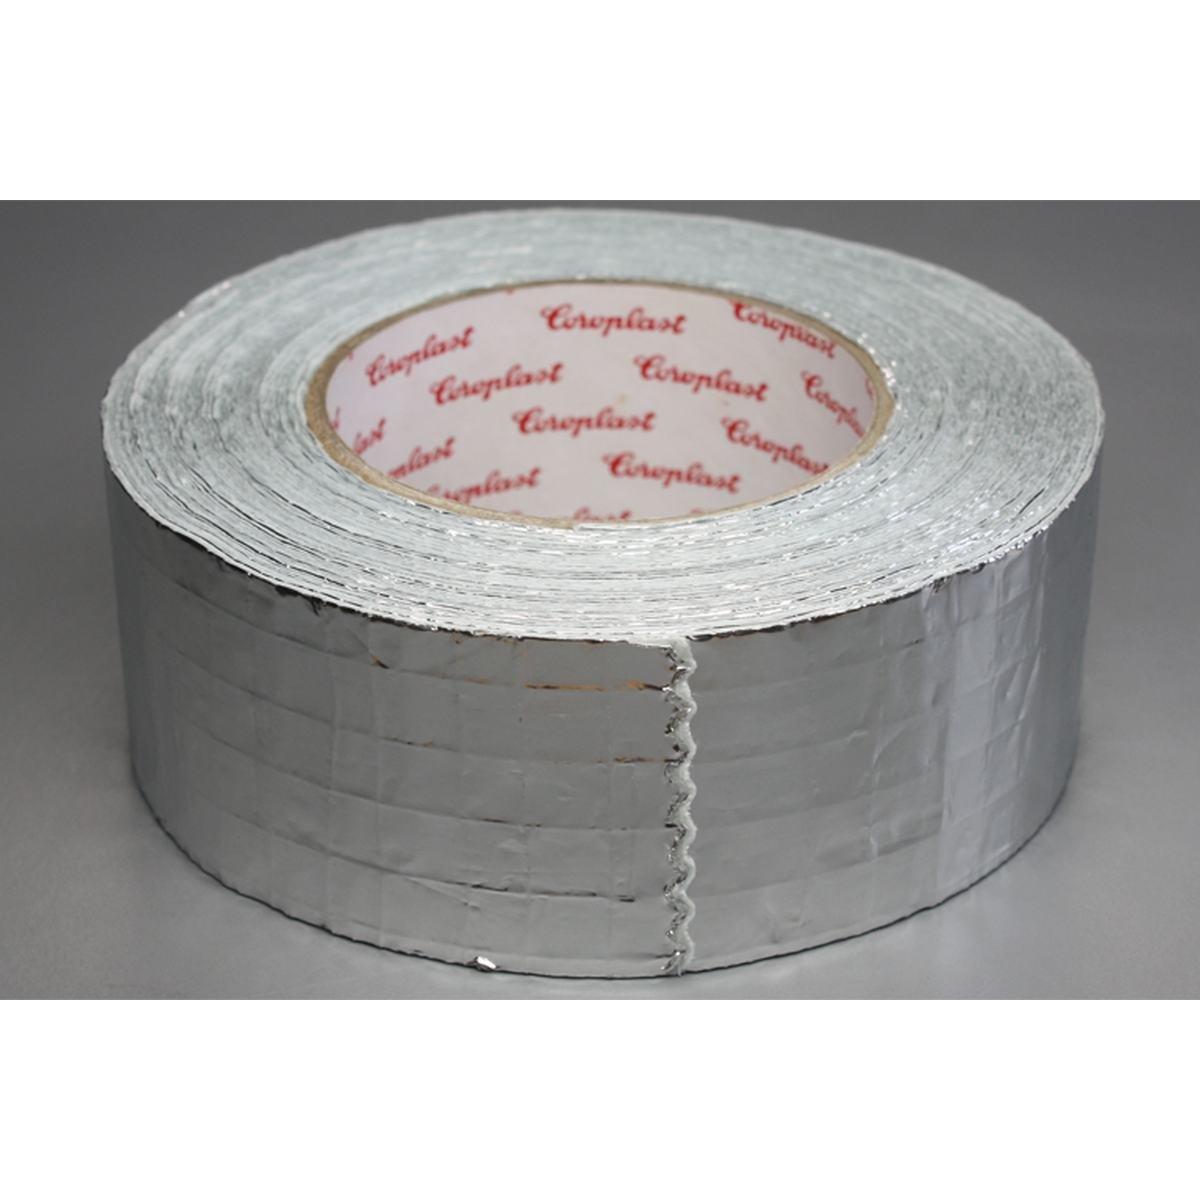 Aluminiumstape forsterket rulle á 50 meter